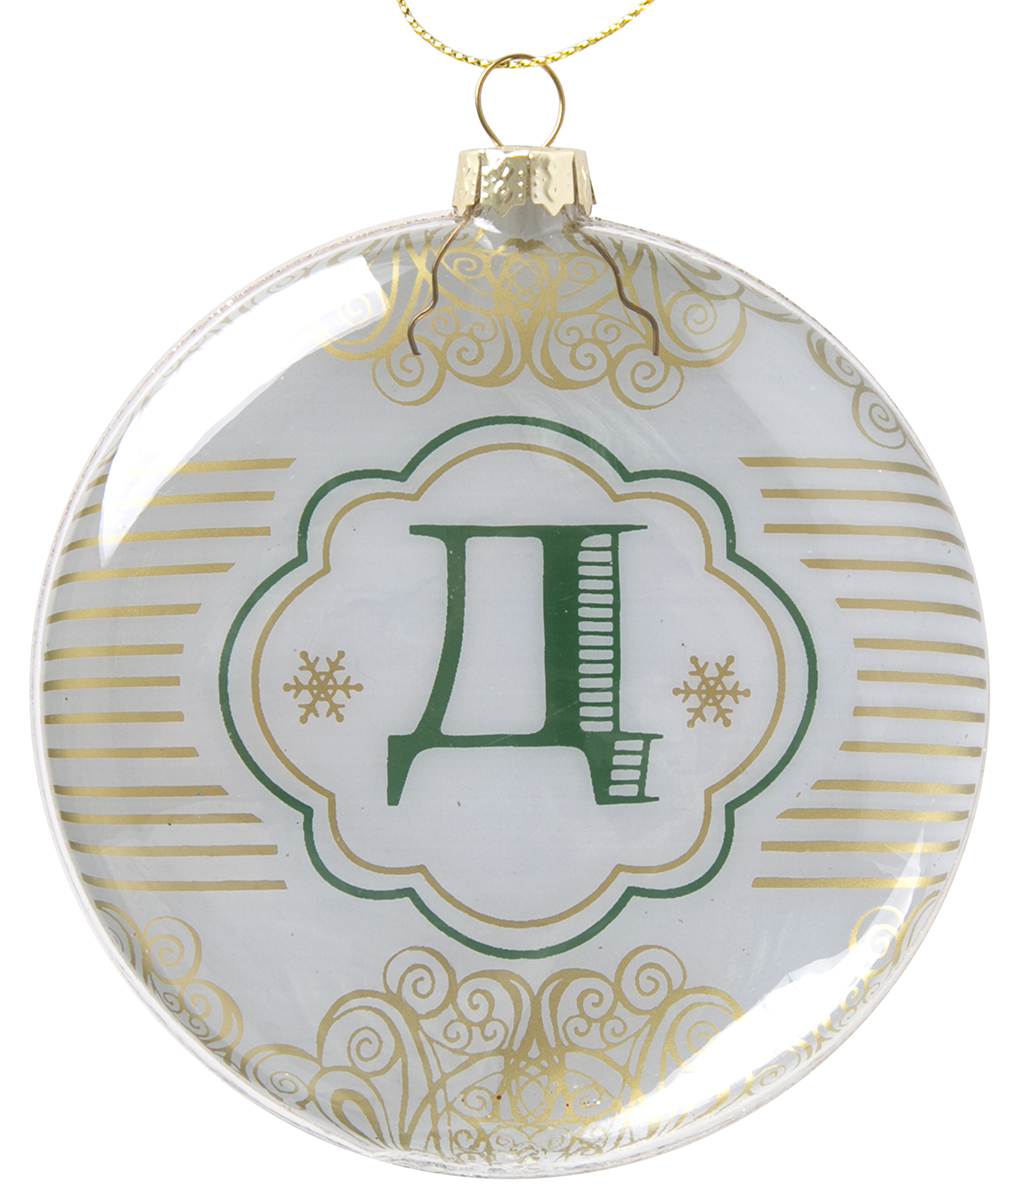 Украшение новогоднее подвесное Magic Time Буква Д, стеклянное украшение новогоднее подвесное magic time буква 3 стеклянное